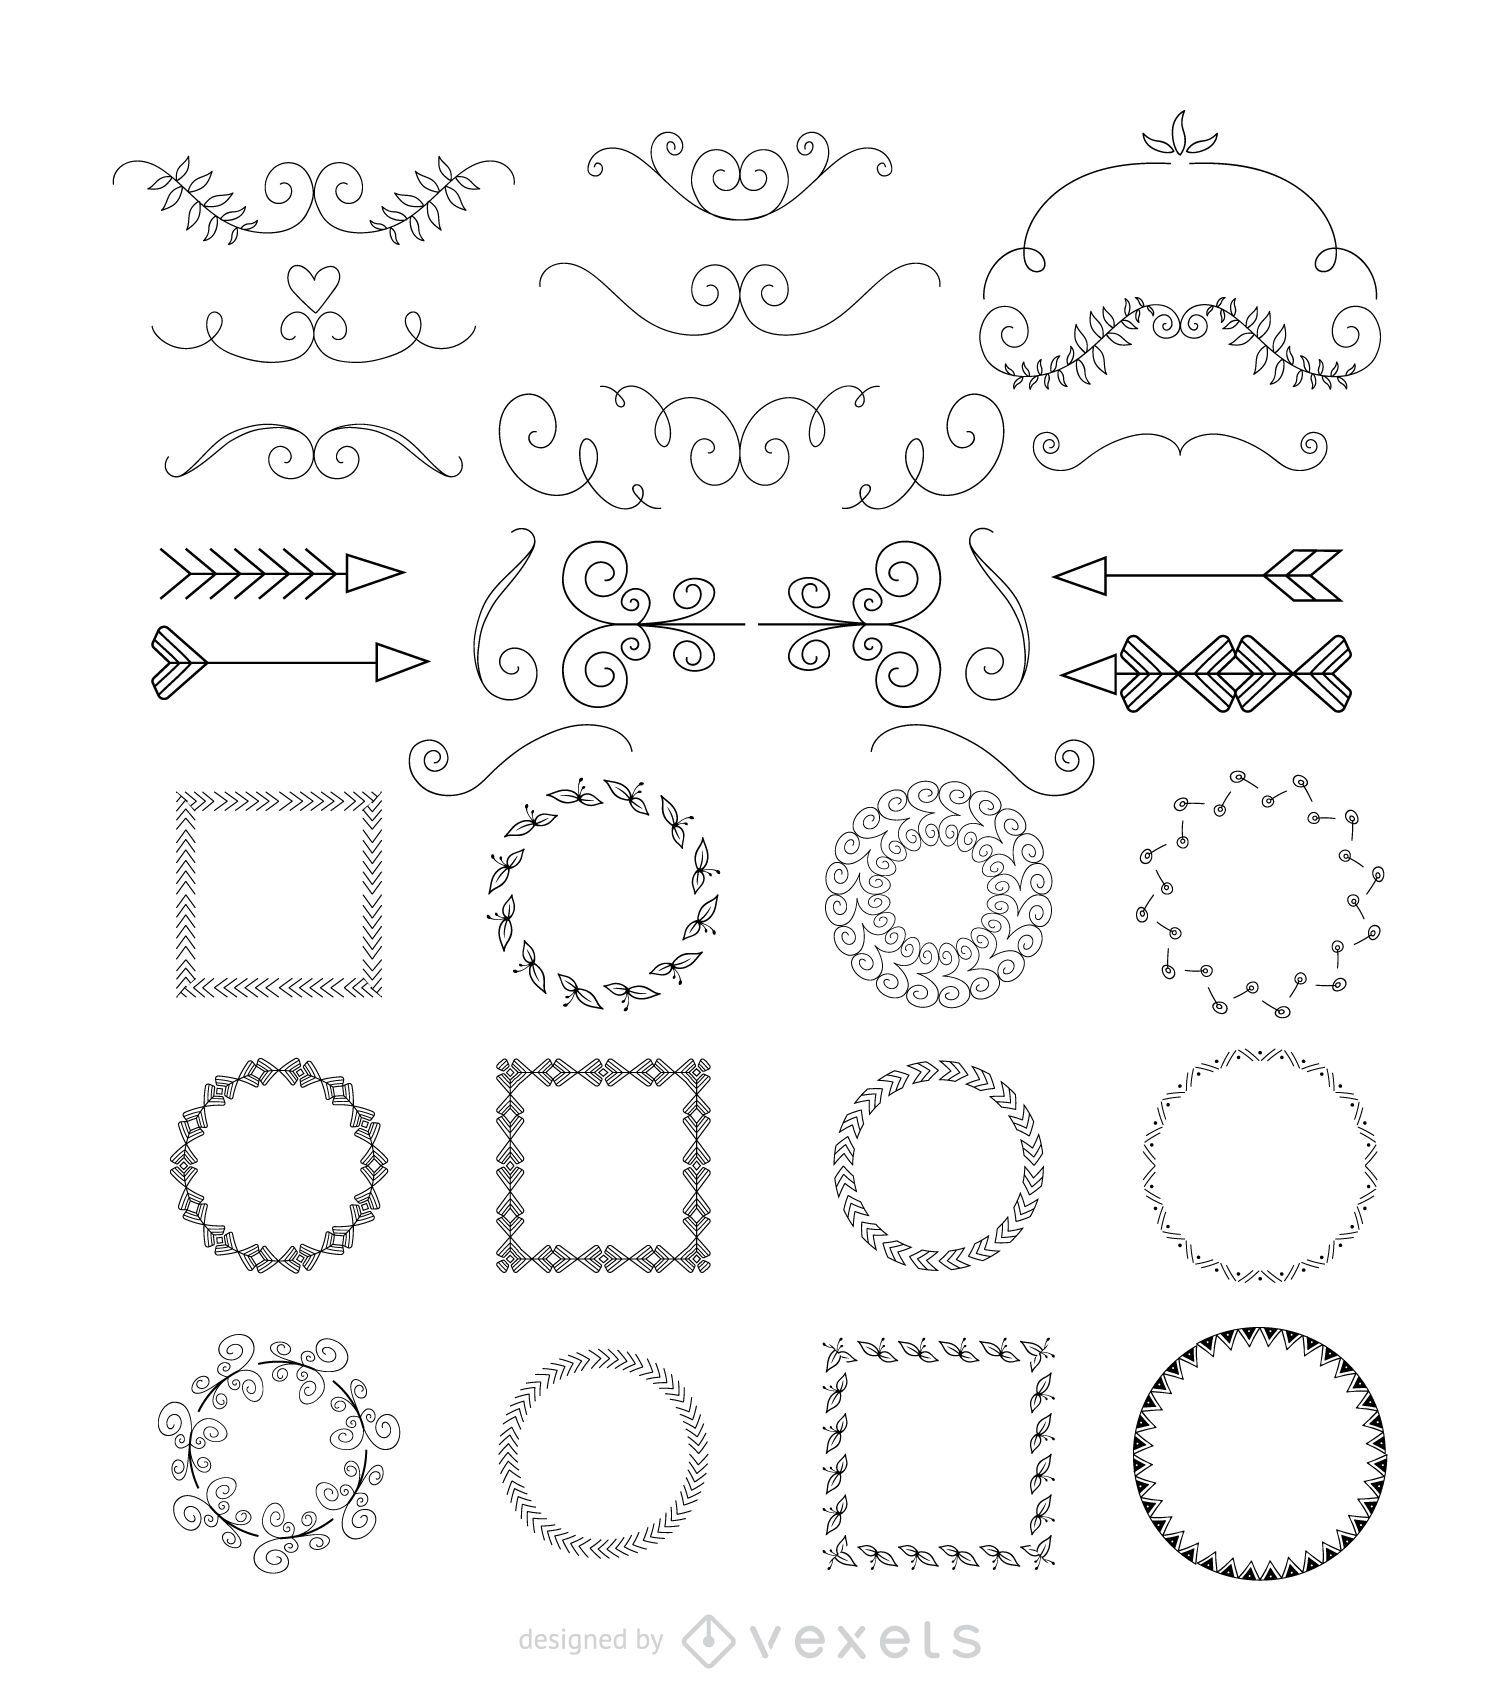 Las flechas y marcos de recolección - Descargar vector